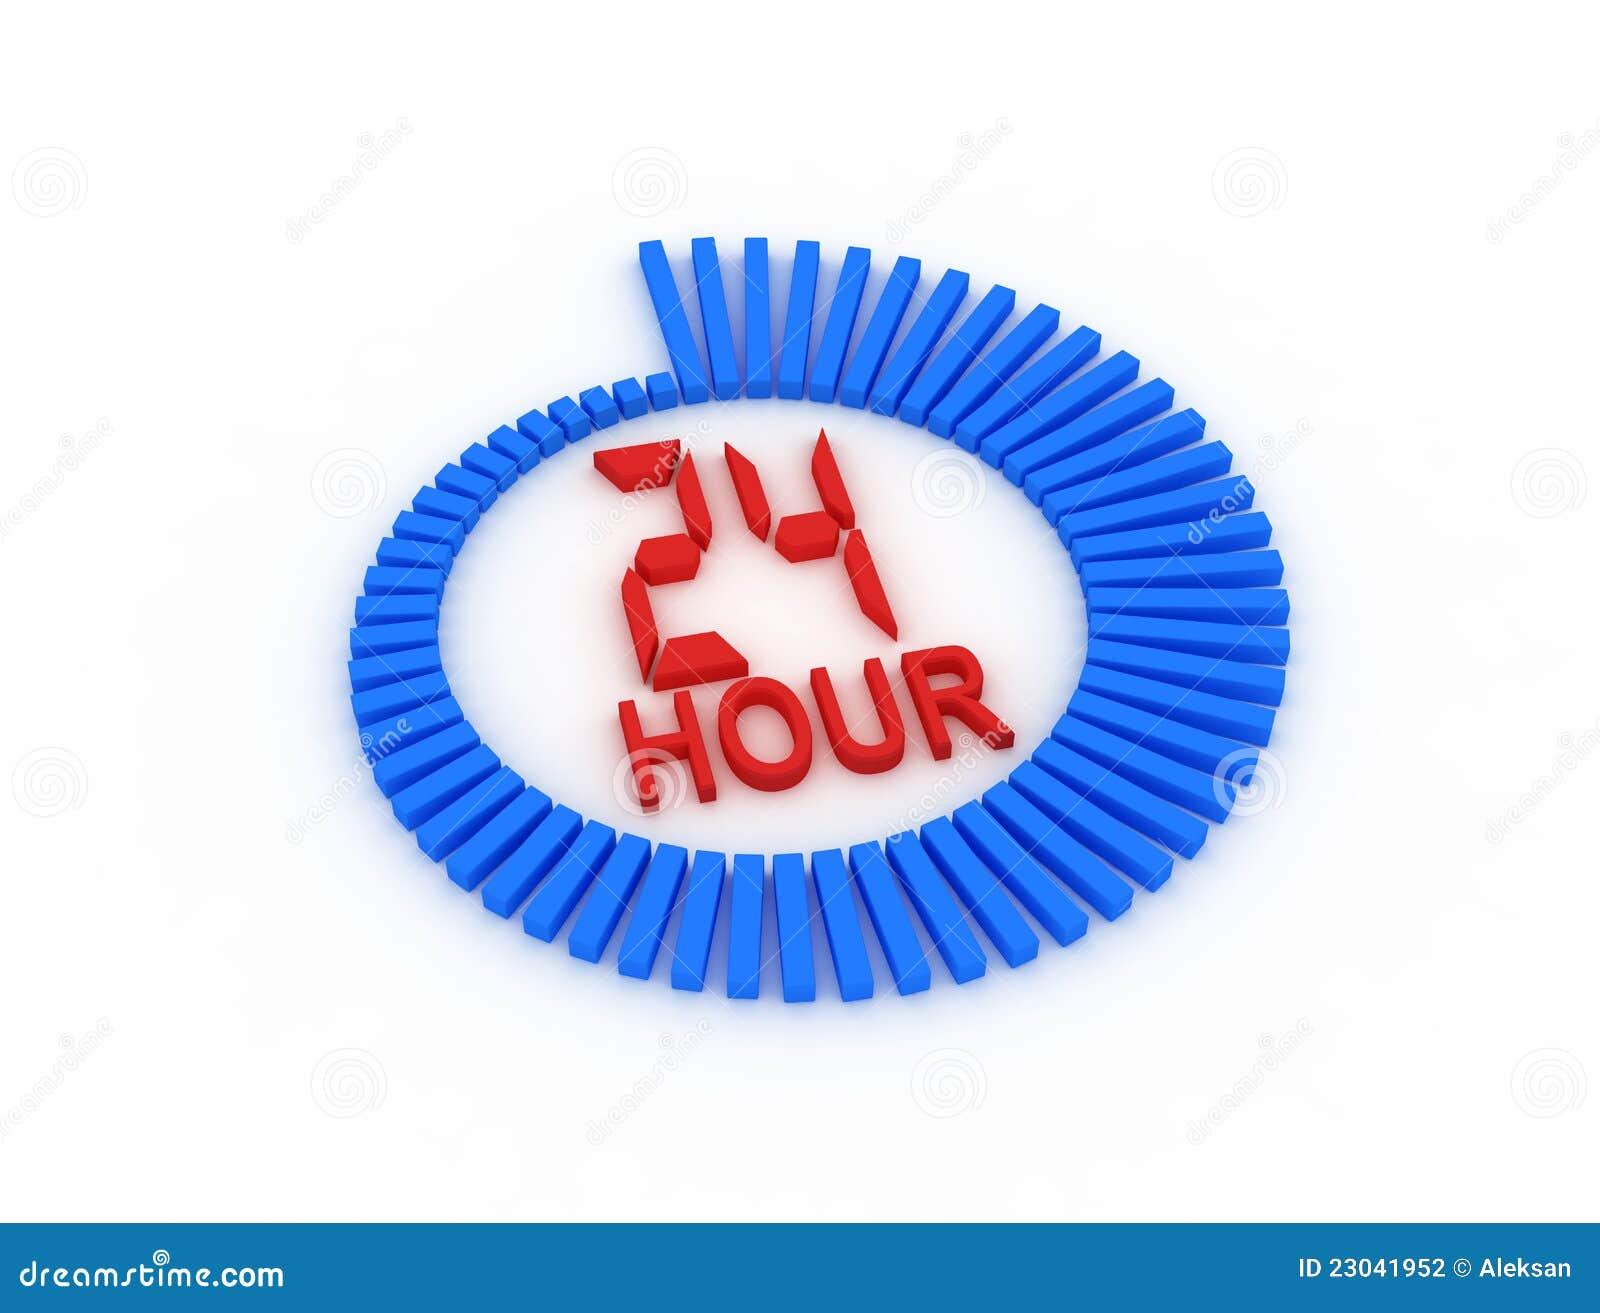 Steun zeven dagen per week 24 uren.